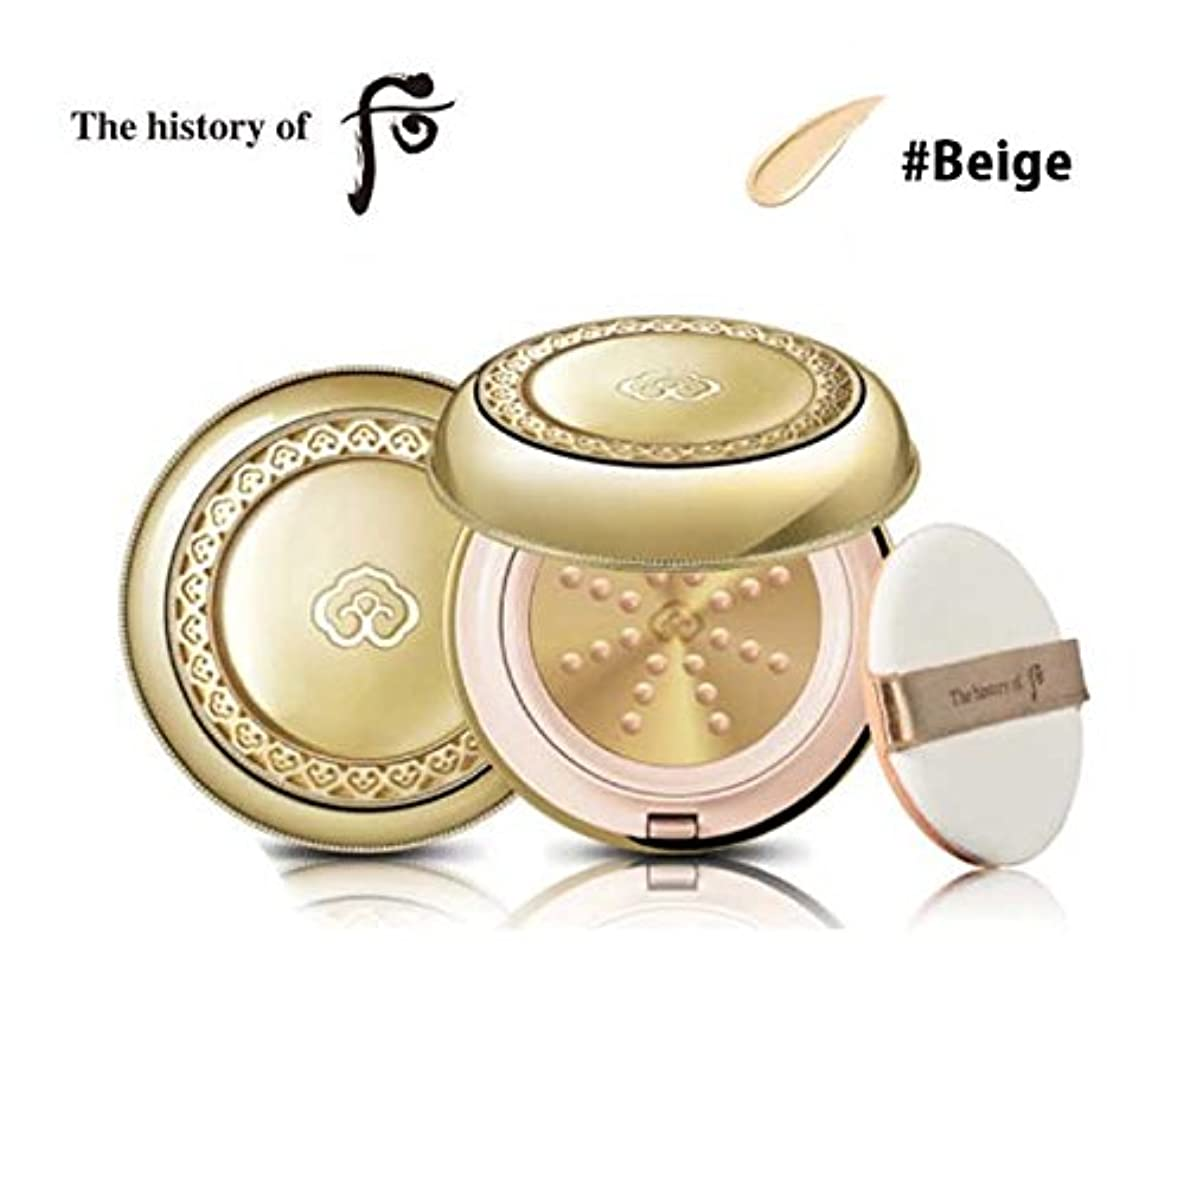 ただやる飛行機チャット【フー/The history of whoo] Whoo 后 Jin Hae Yoon Sun Cushion #Beige/后(フー) 線クッション [SPF50+/PA+++] + [Sample Gift](海外直送品)